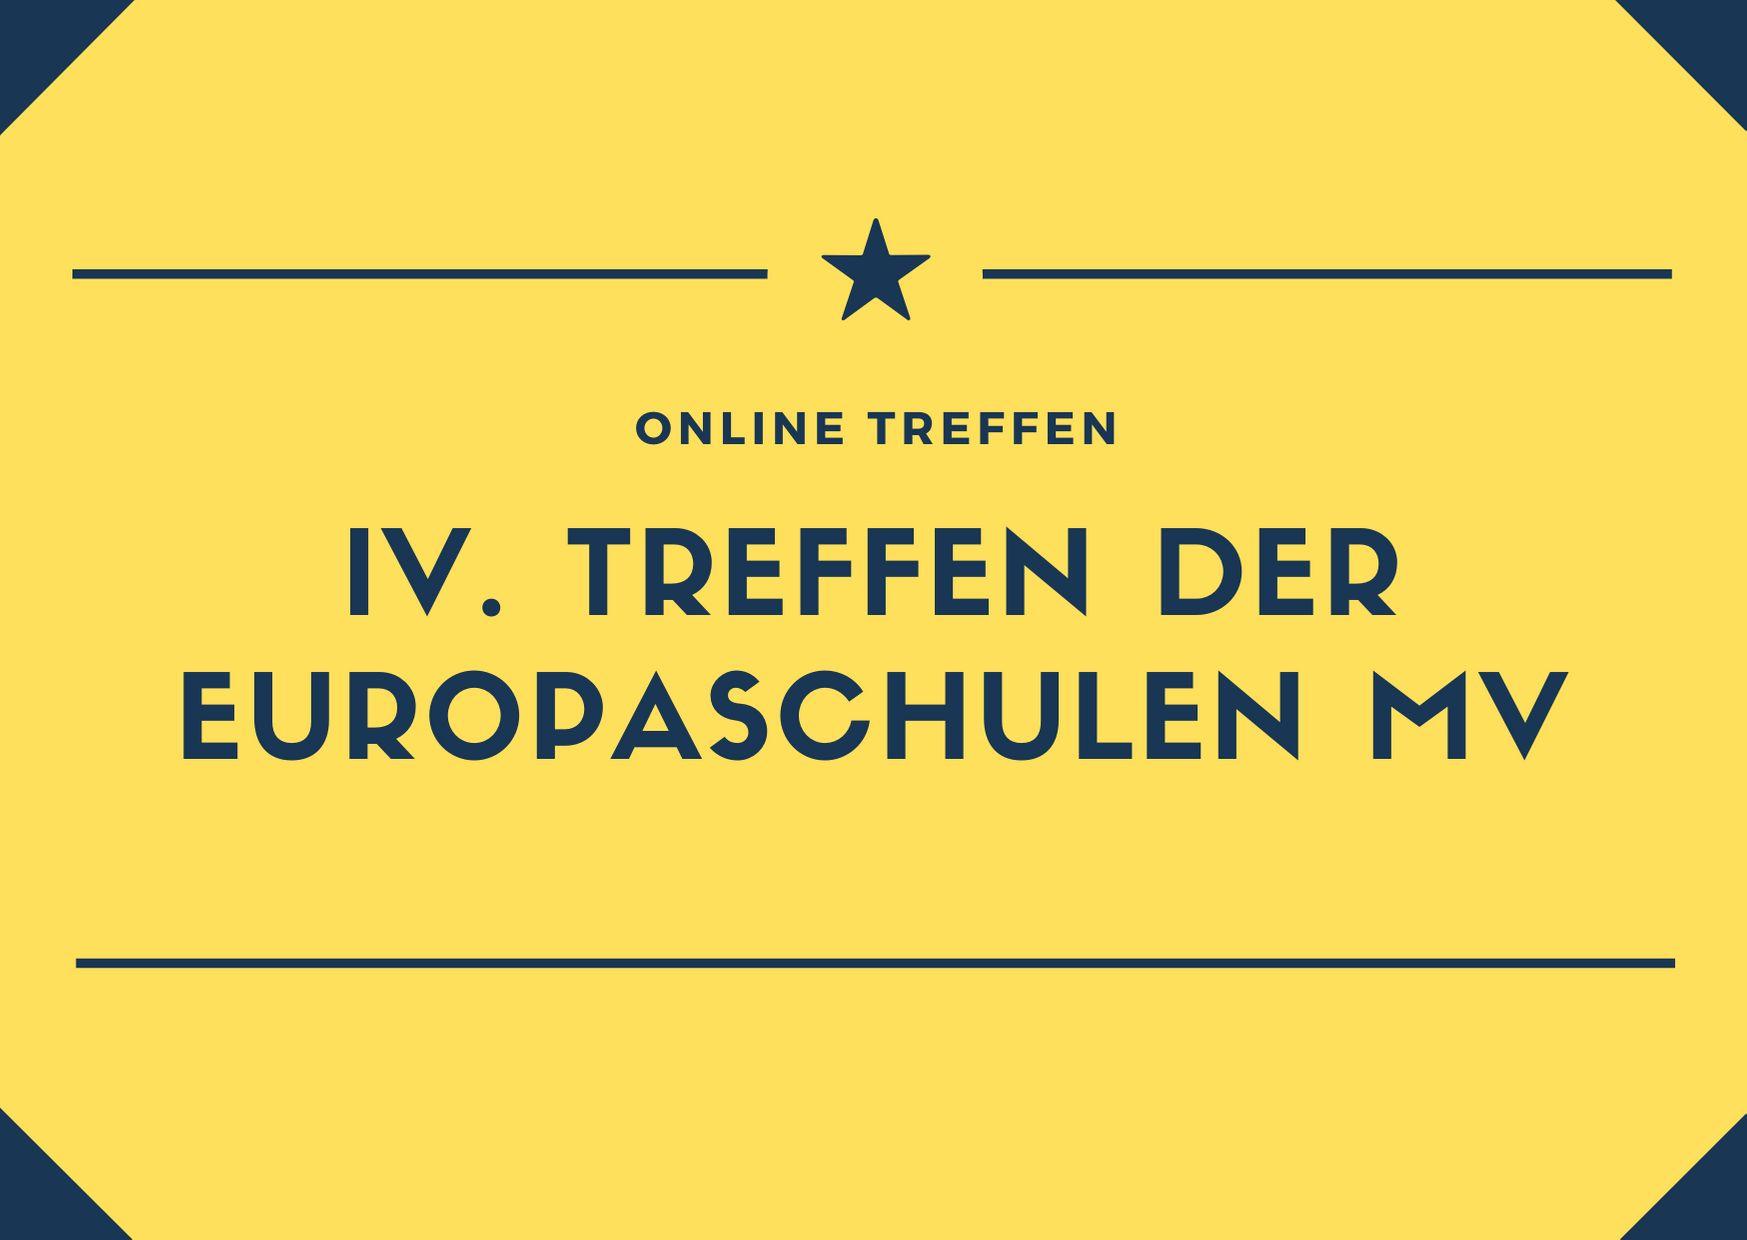 IV. Treffen der Europaschulen in MV